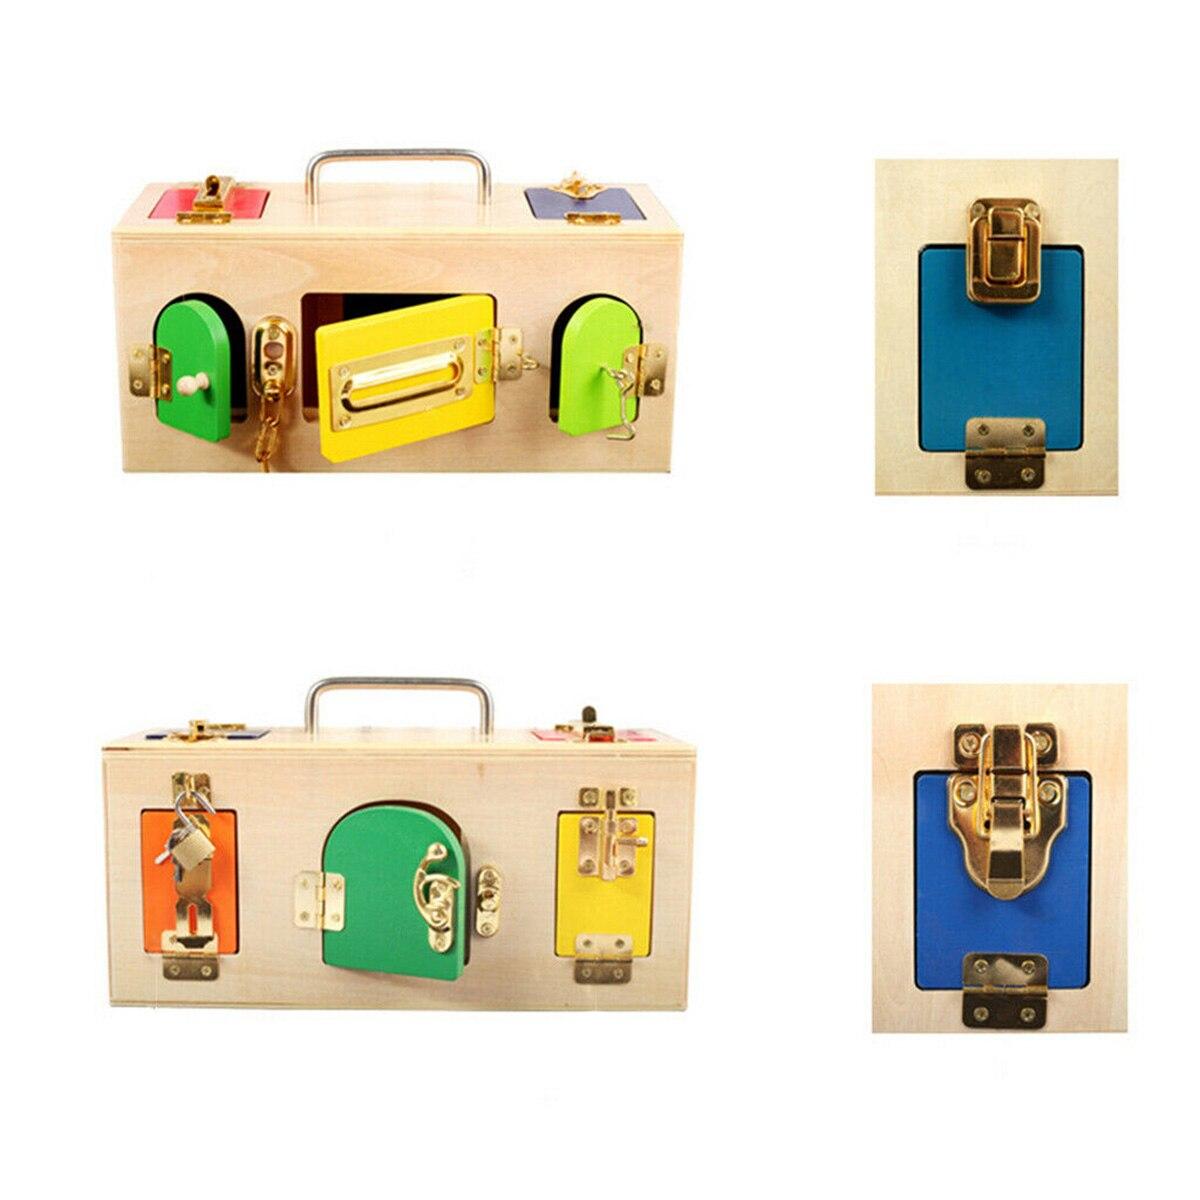 Montessori serrure boîte vie pratique jouet ouvrir la serrure clé éducatifs en bois jouets pour enfants de base et compétences de la vie jouets d'apprentissage - 3